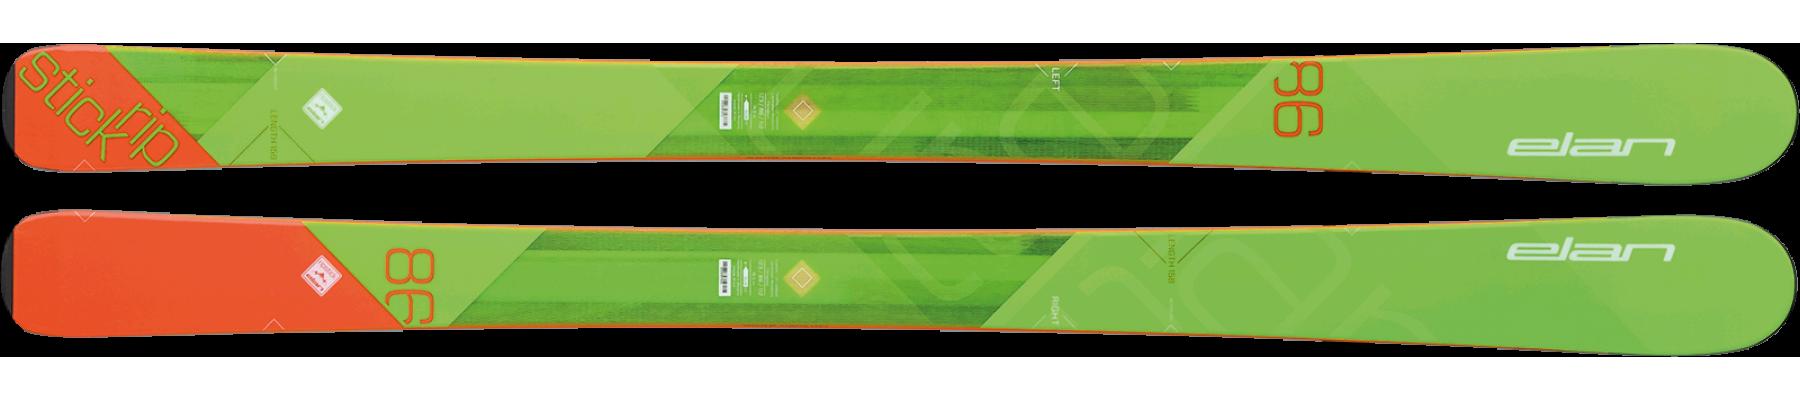 Elan-Ski-RIPSTICK-86T